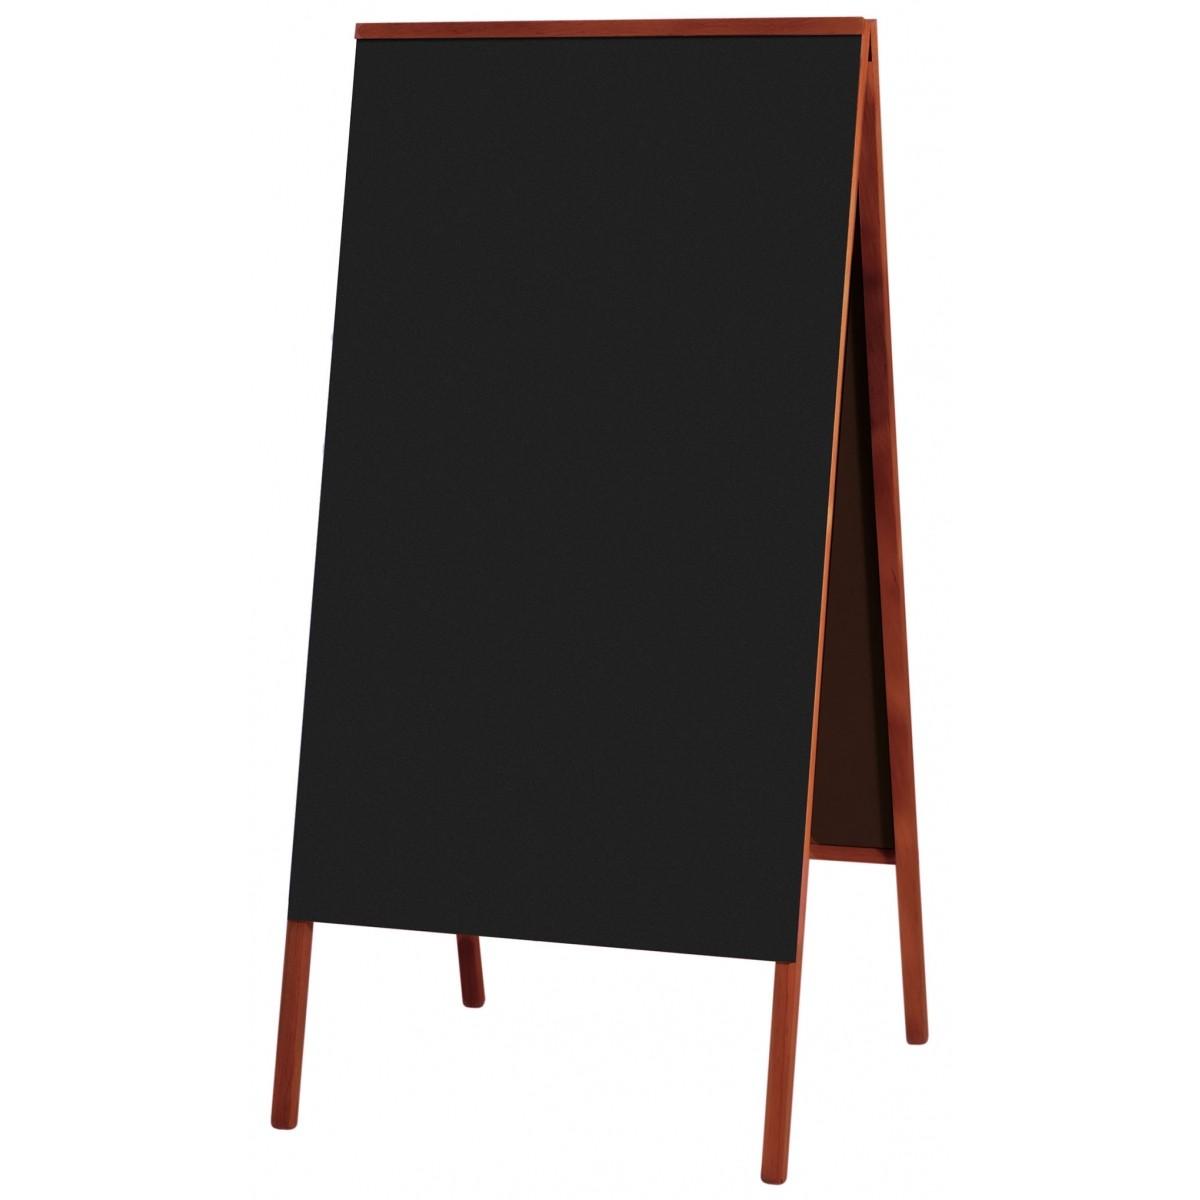 Quadro Negro Cavalete de Calçada Madeira Cor Mogno DUPLA FACE 100 X 60 cm (1,20X60 cm Com as Pernas) Referência 2121 SOUZA